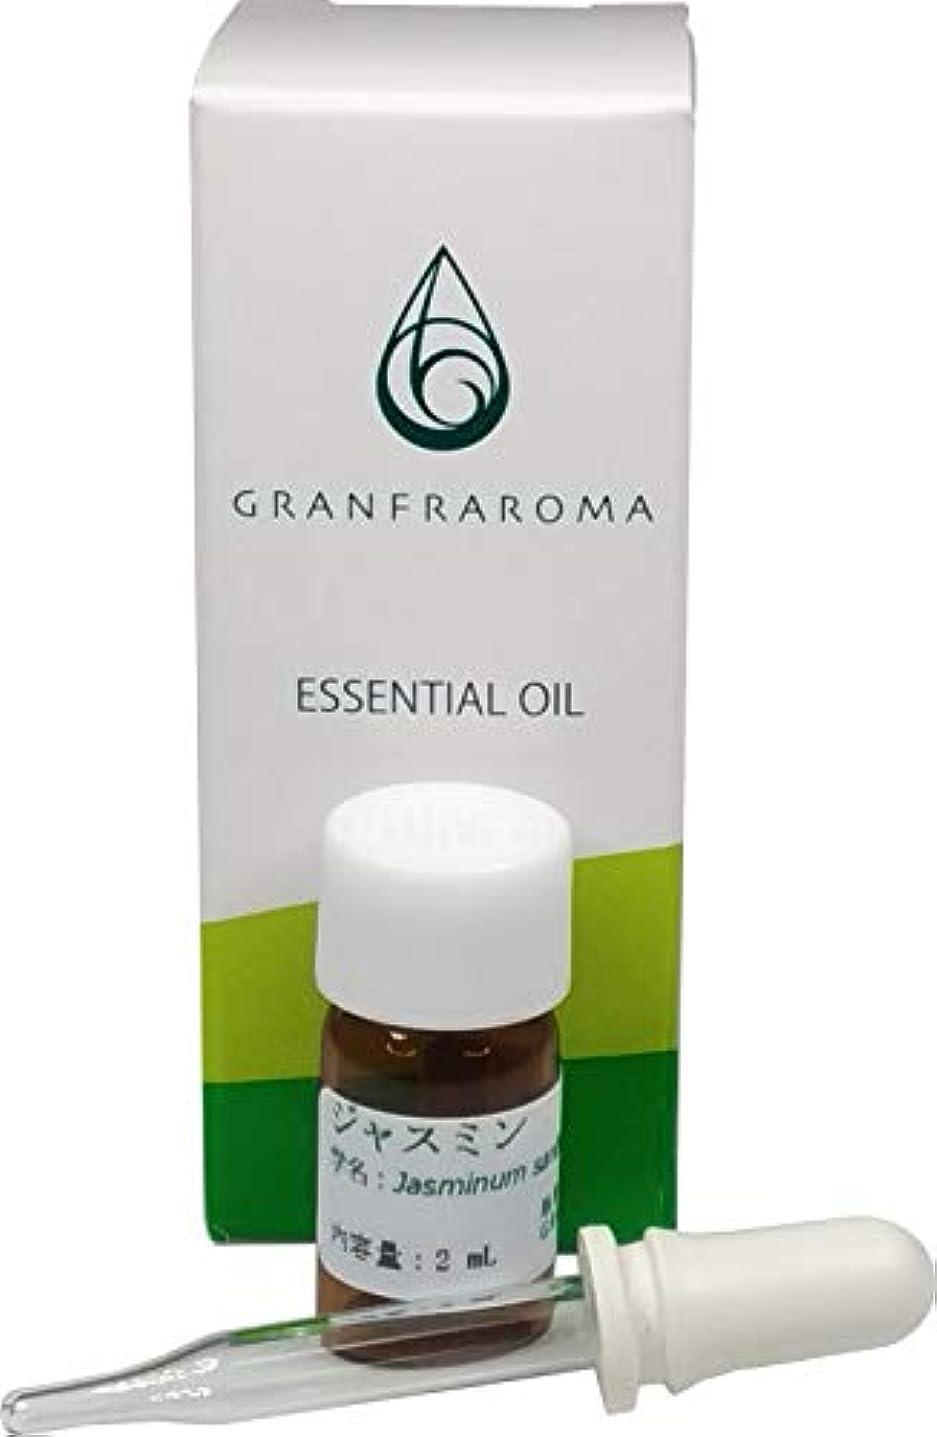 ねばねばポーチ逆さまに(グランフラローマ)GRANFRAROMA 精油 ジャスミン エッセンシャルオイル 2ml